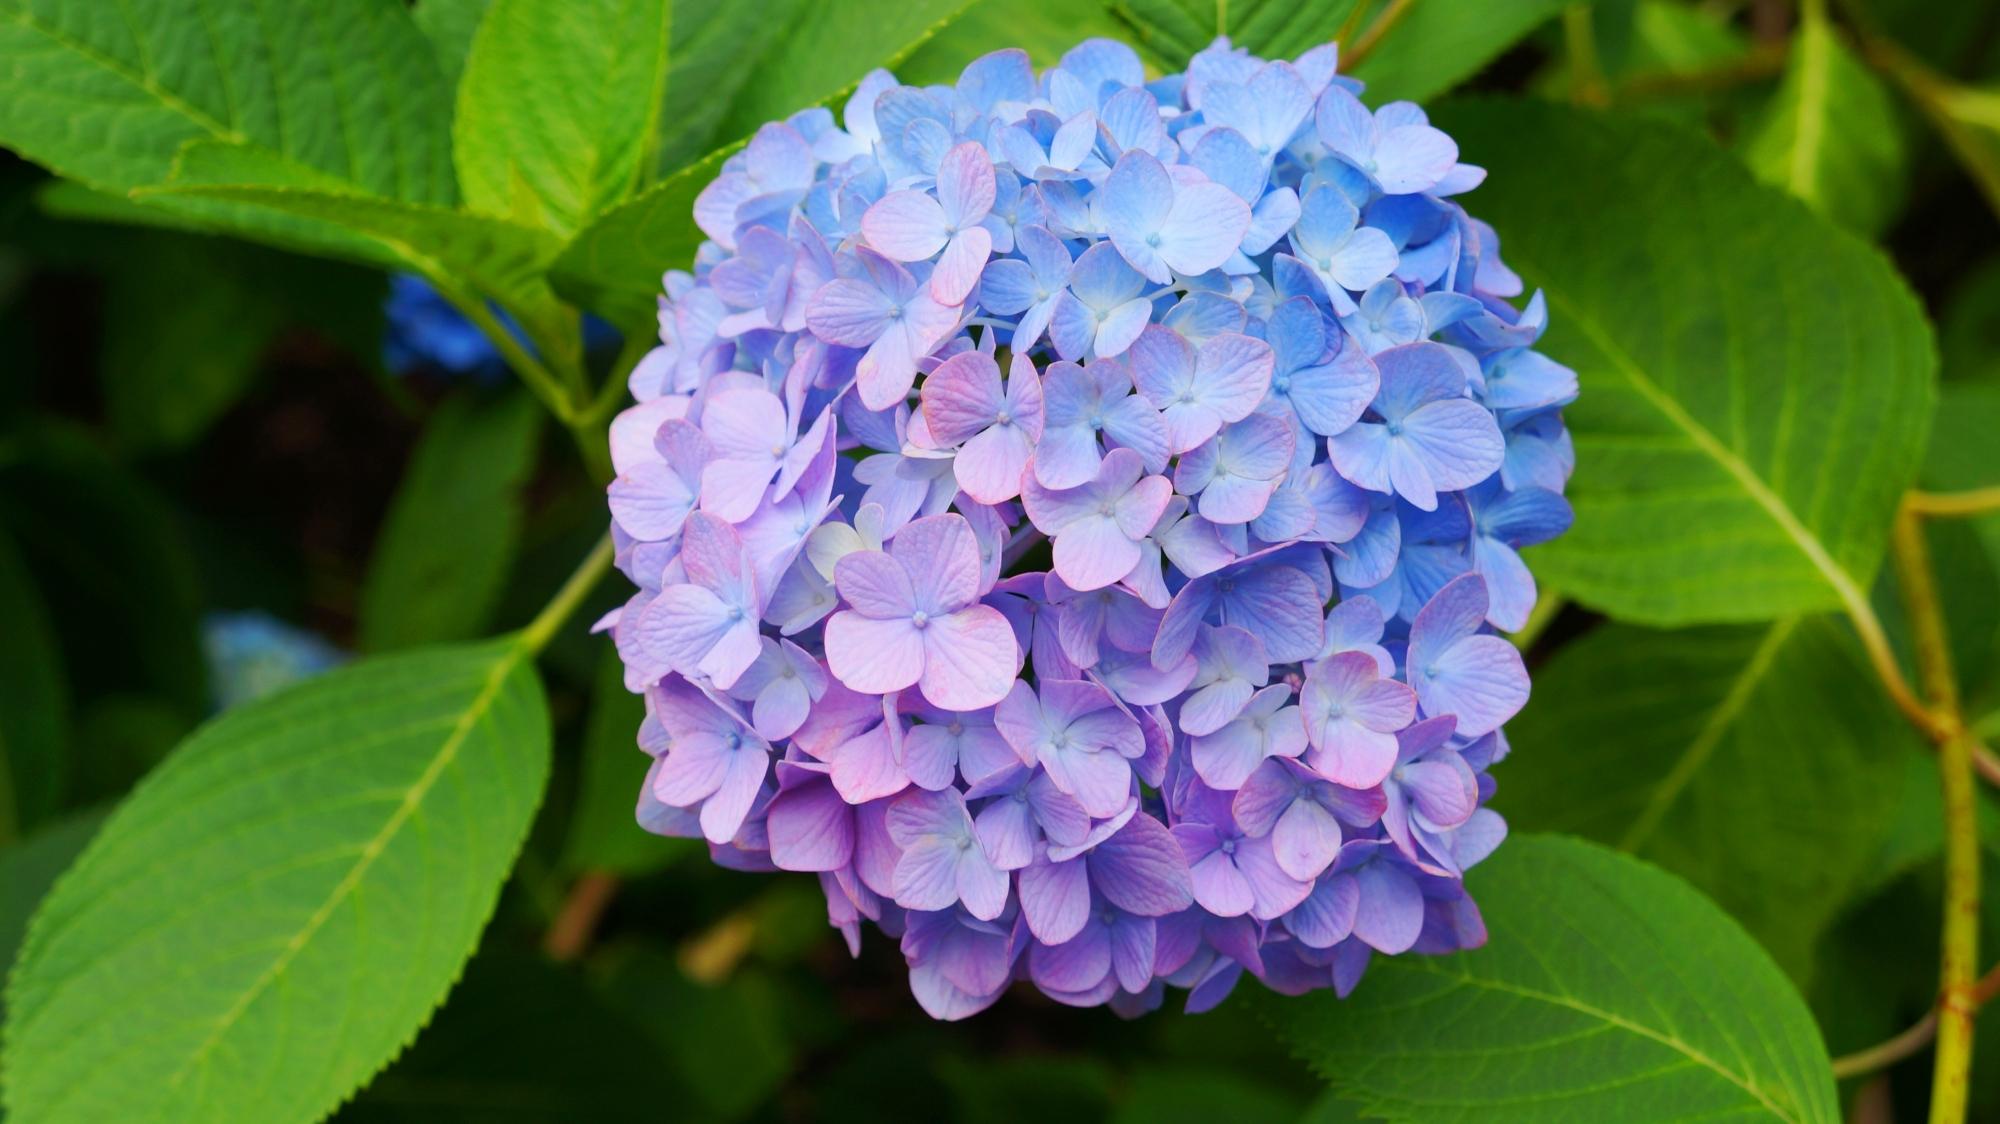 薄い紫と水色の二色の紫陽花